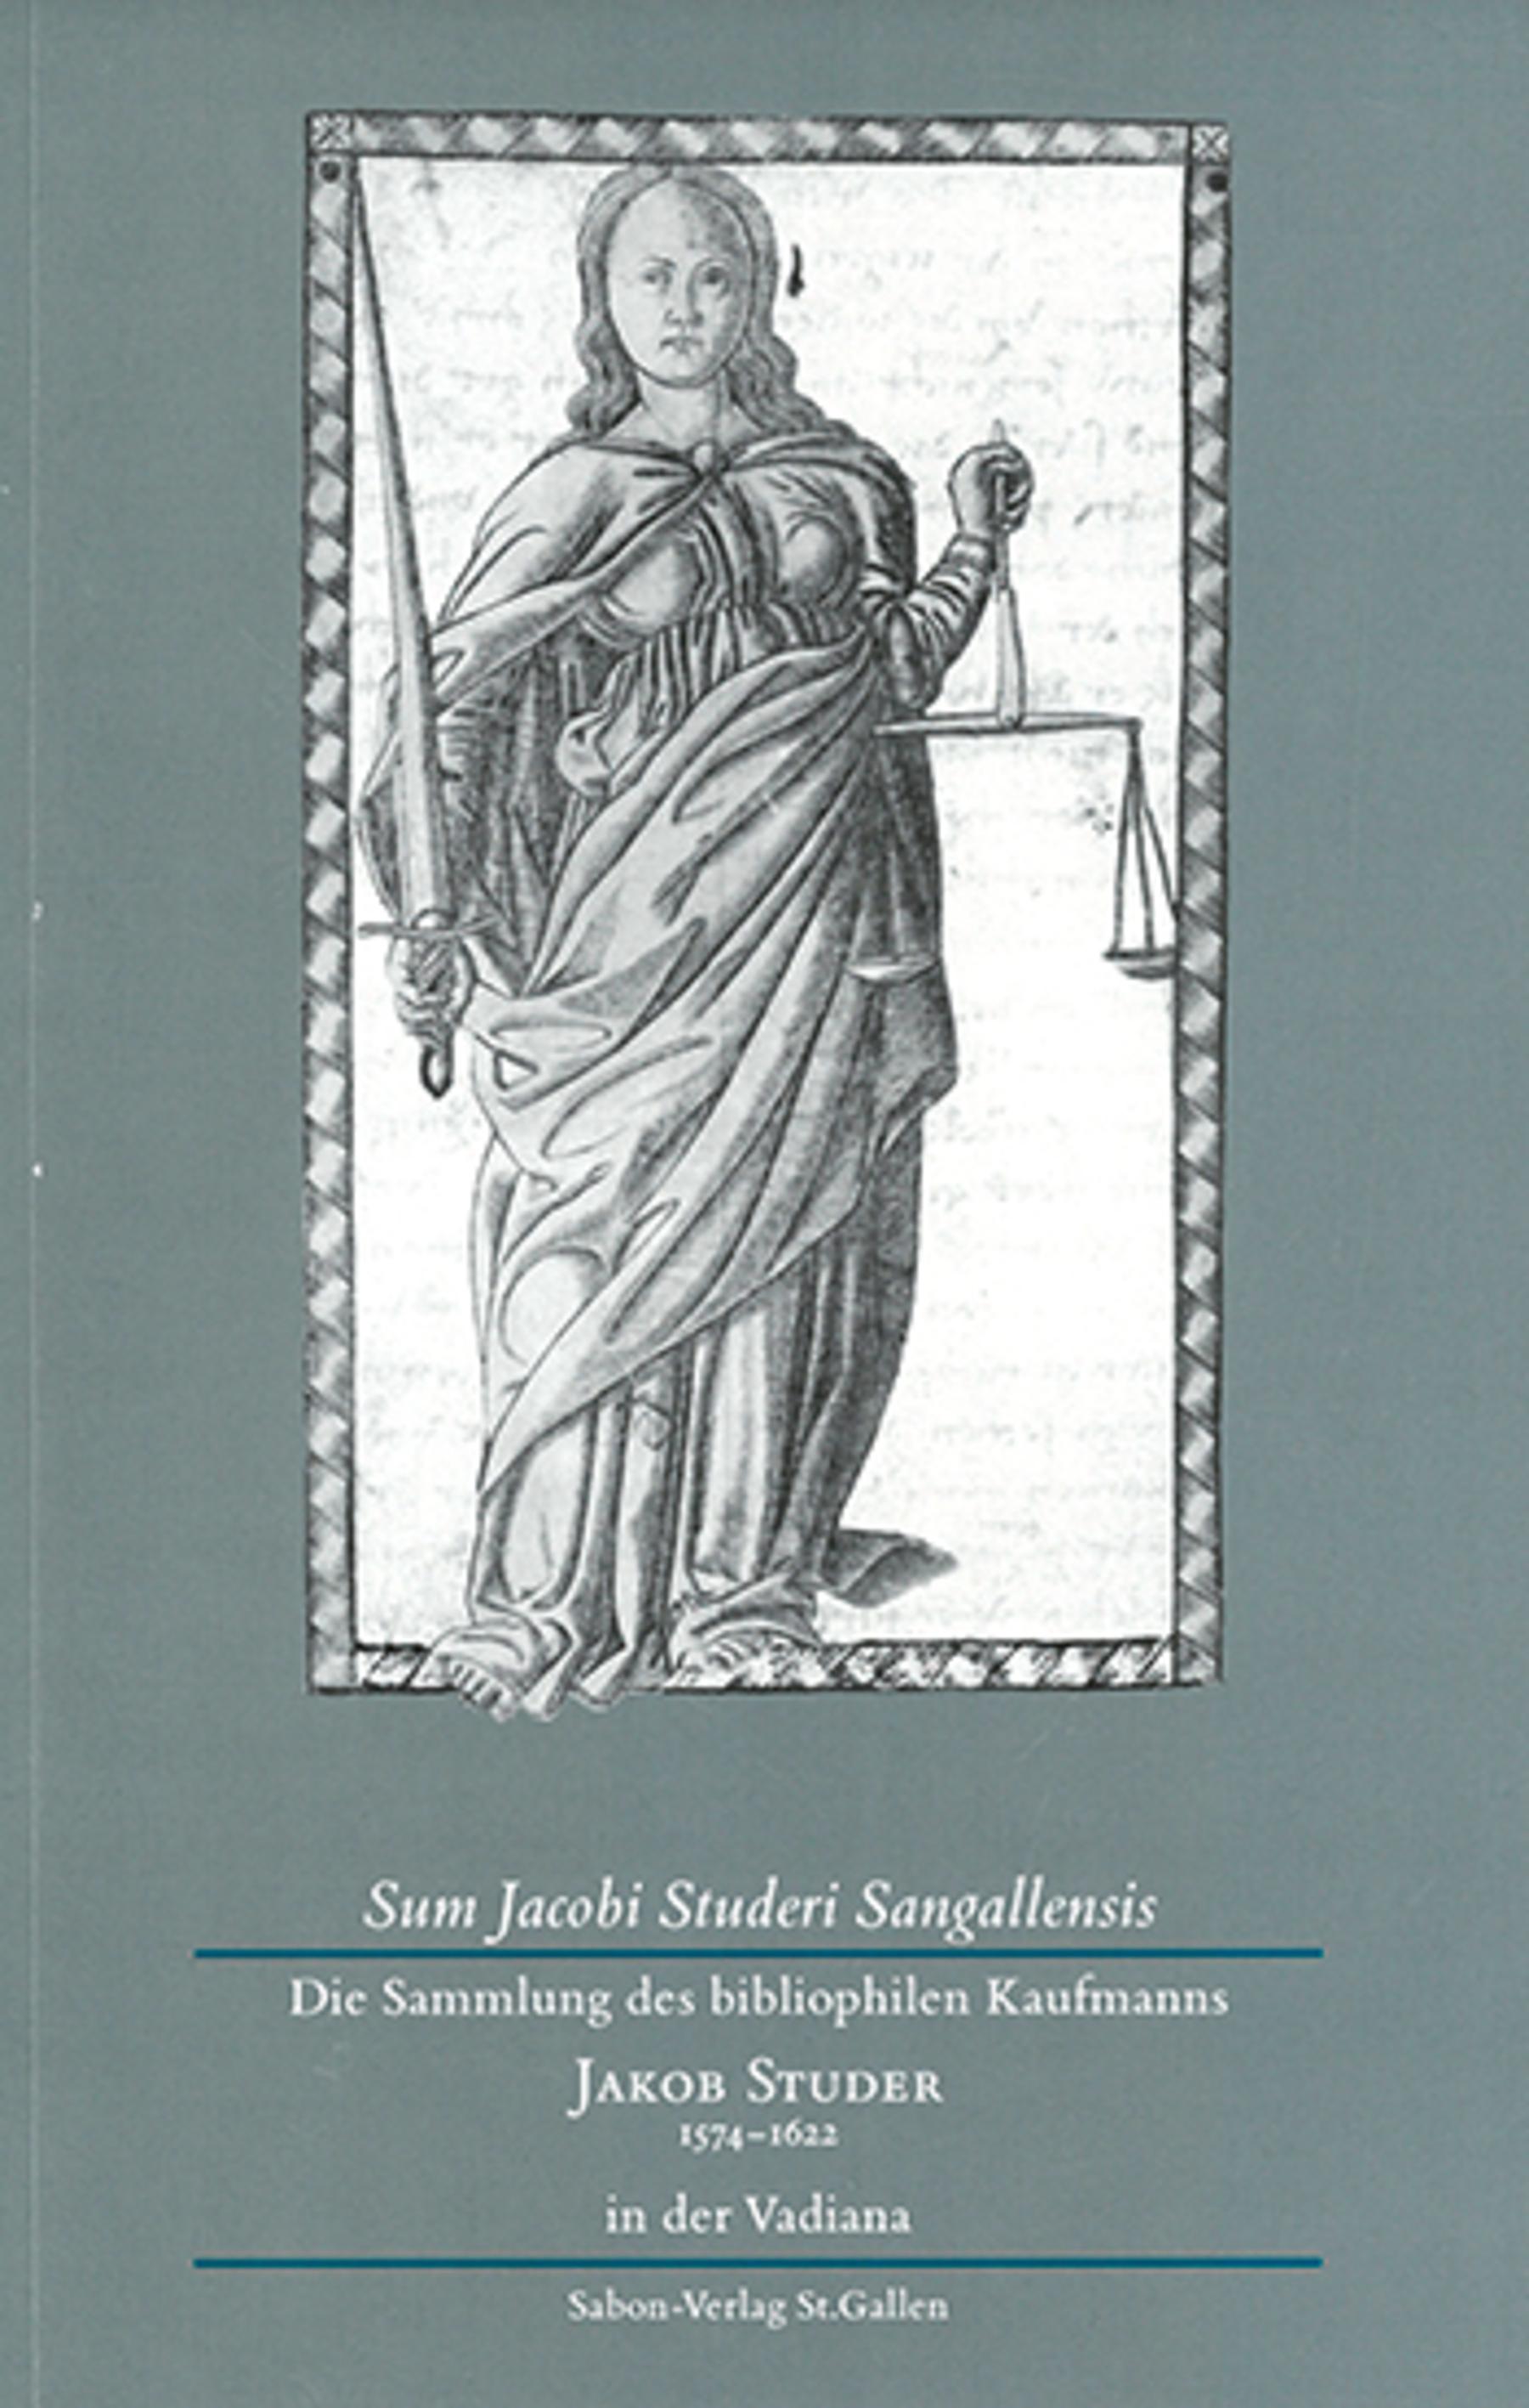 Sum Jacobi Studeri Sangallensis